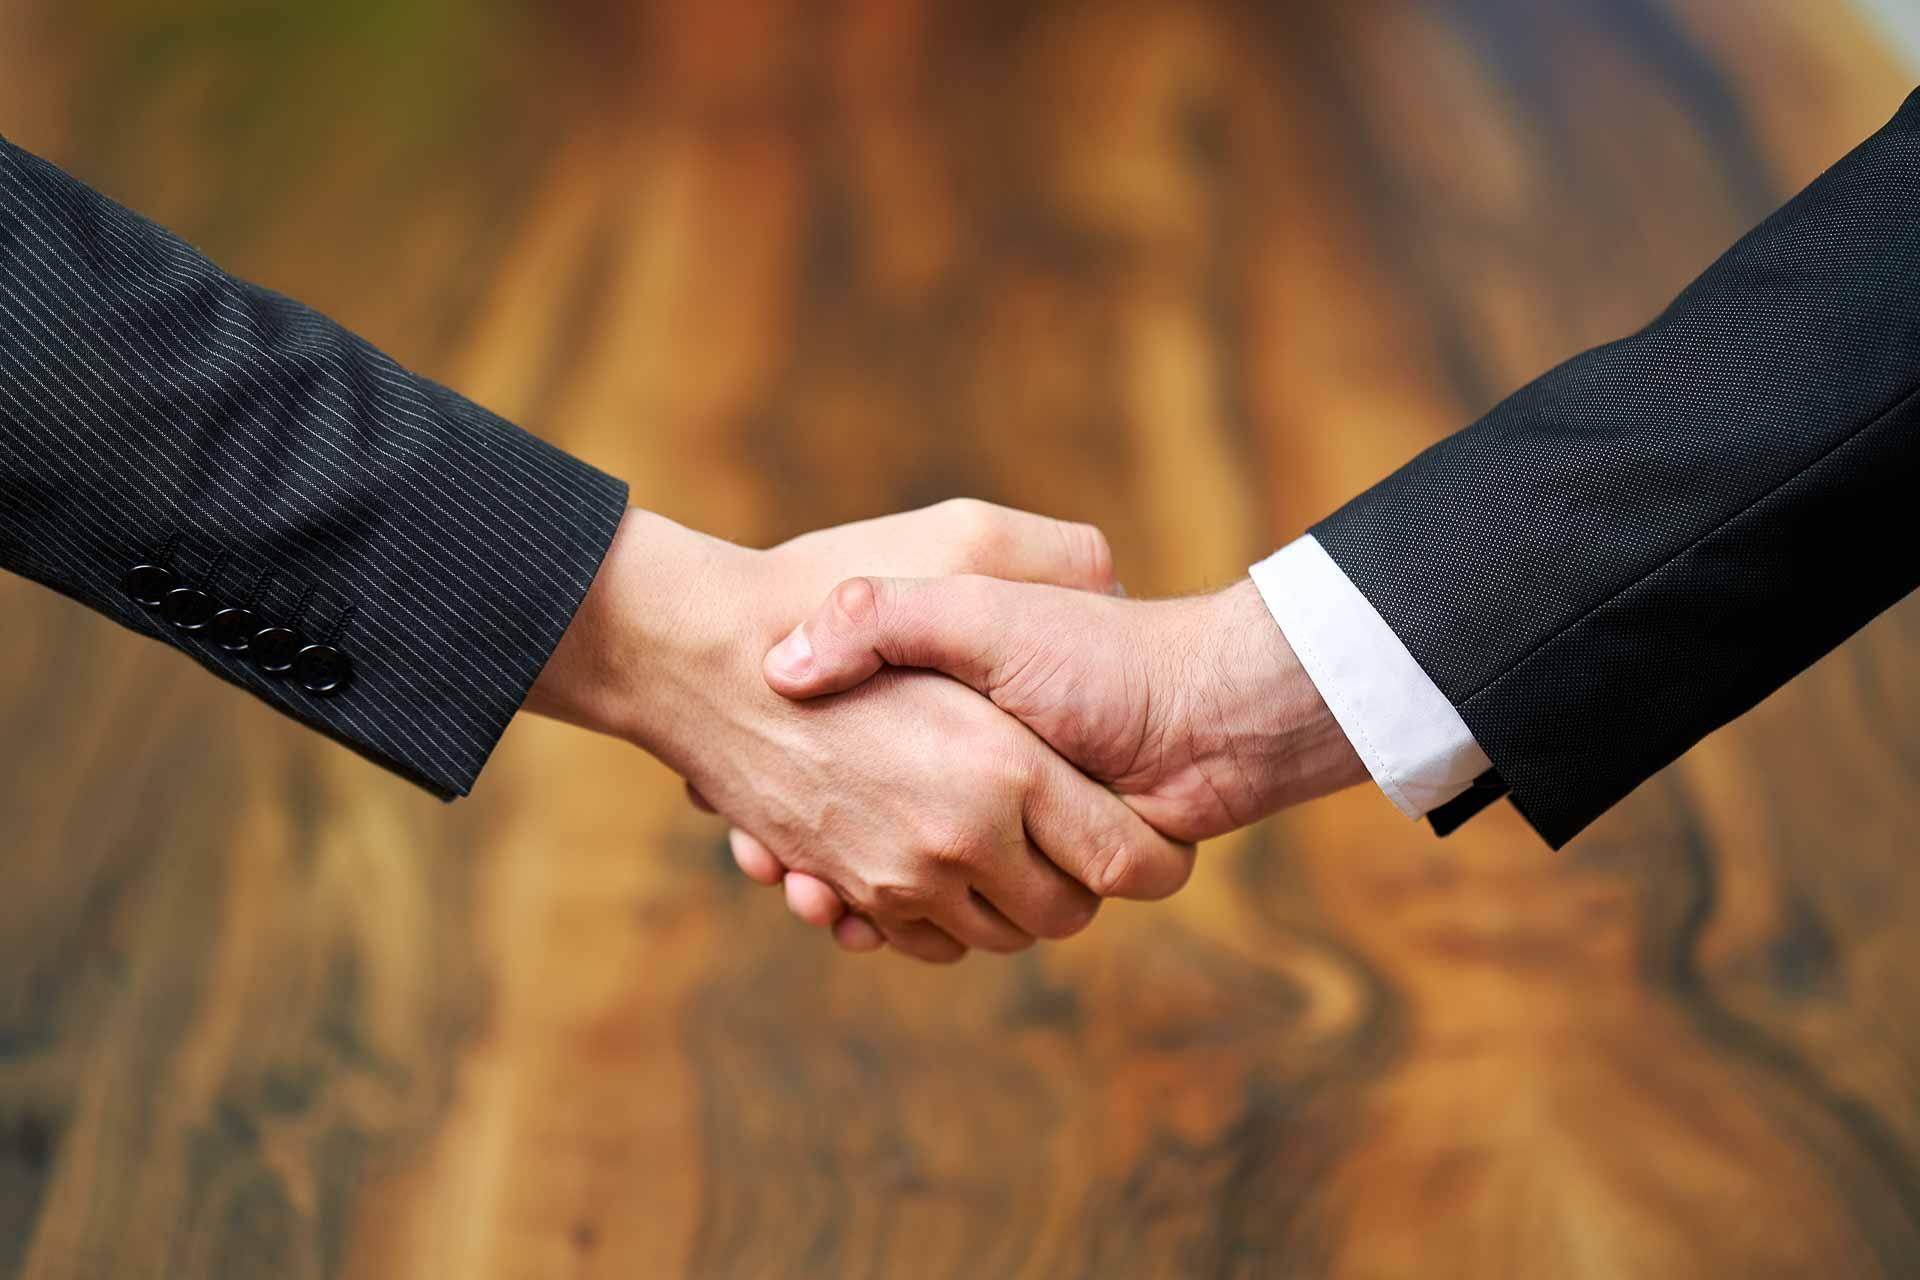 Corporateshooting für die neue Webseite und zur Gewinnung von neuen Mitarbeitern. Fotografiert in einer Villa in Berlin Zehlendorf. Vertrag wurde unterschrieben. Händeschütteln nach Vertragsabschluss.